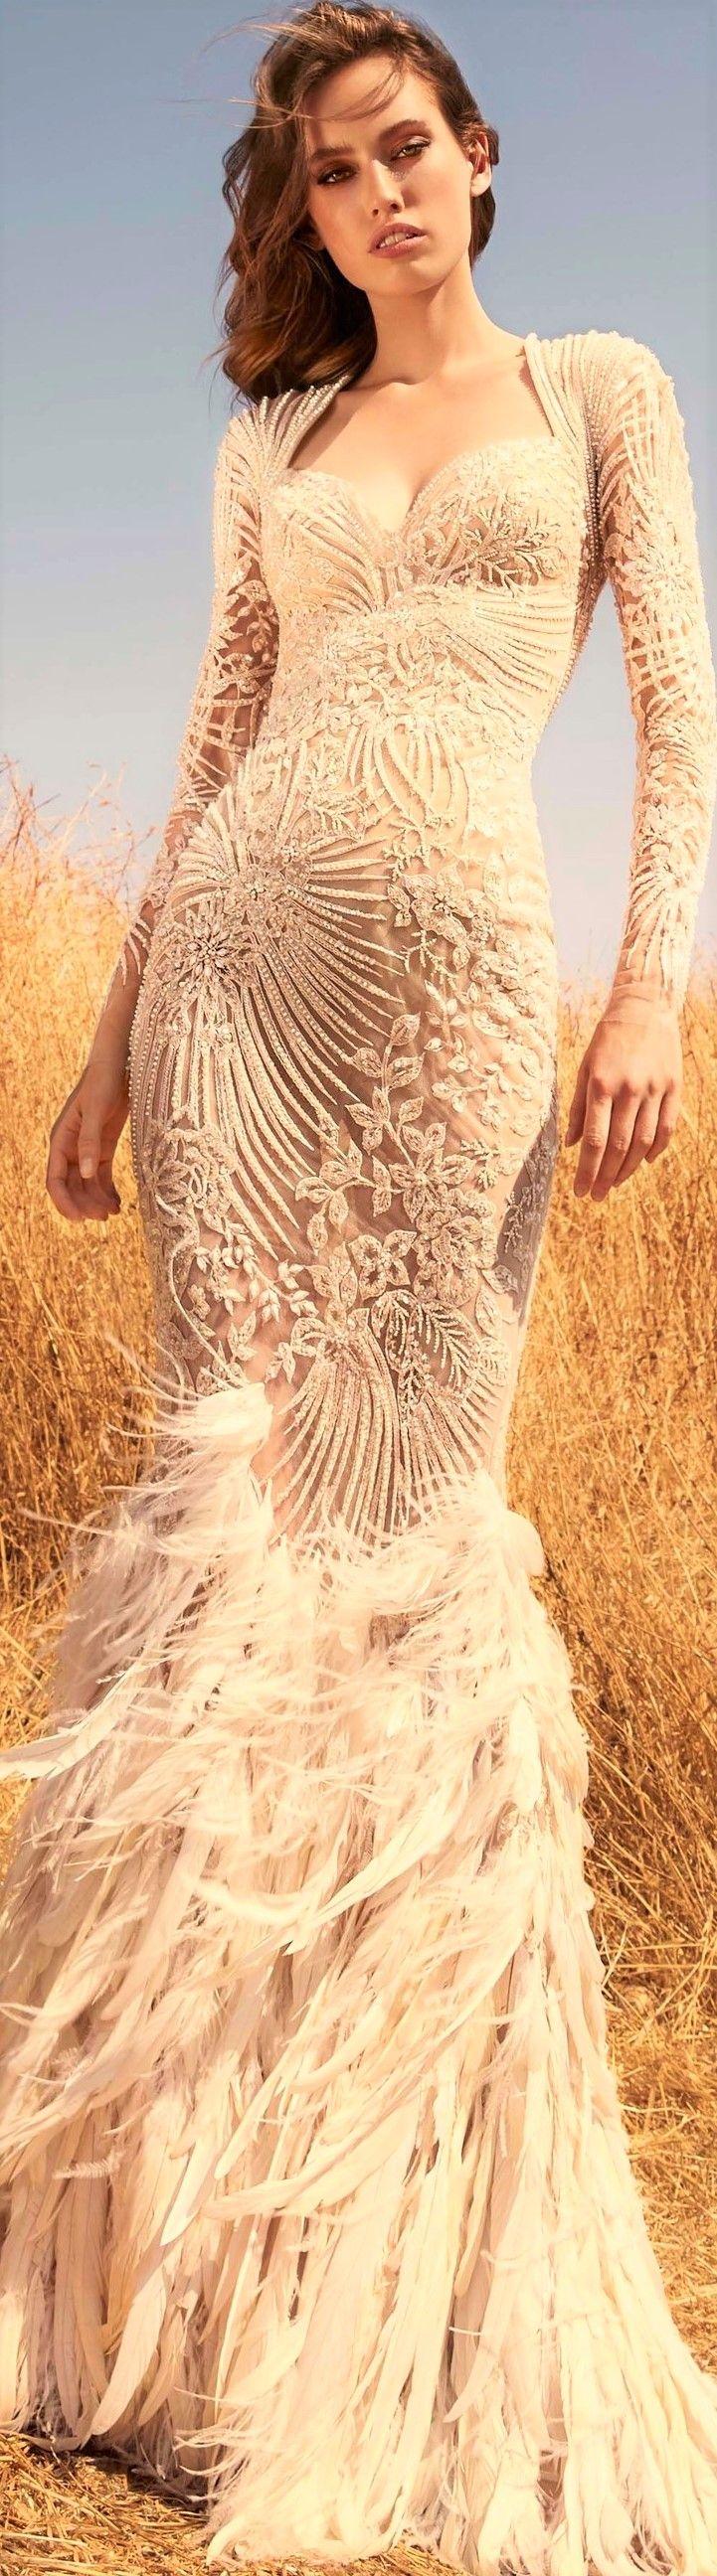 34+ Zuhair murad wedding dress 2020 information